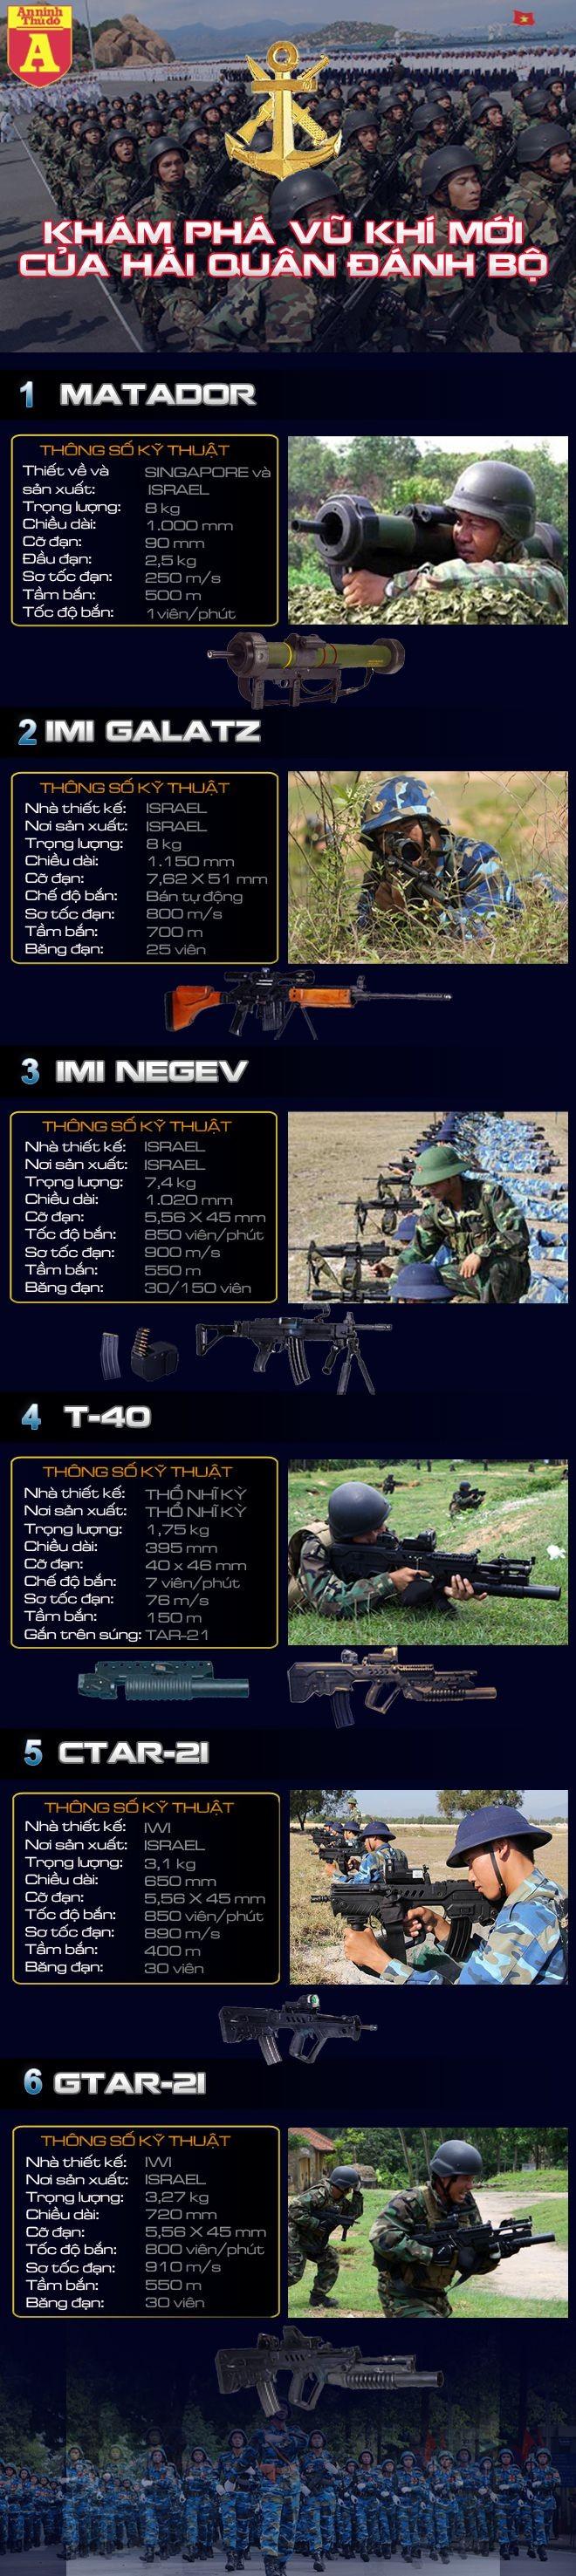 [Infographic] Khám phá những vũ khí cực kỳ hiện đại của Hải quân đánh bộ Việt Nam ảnh 2